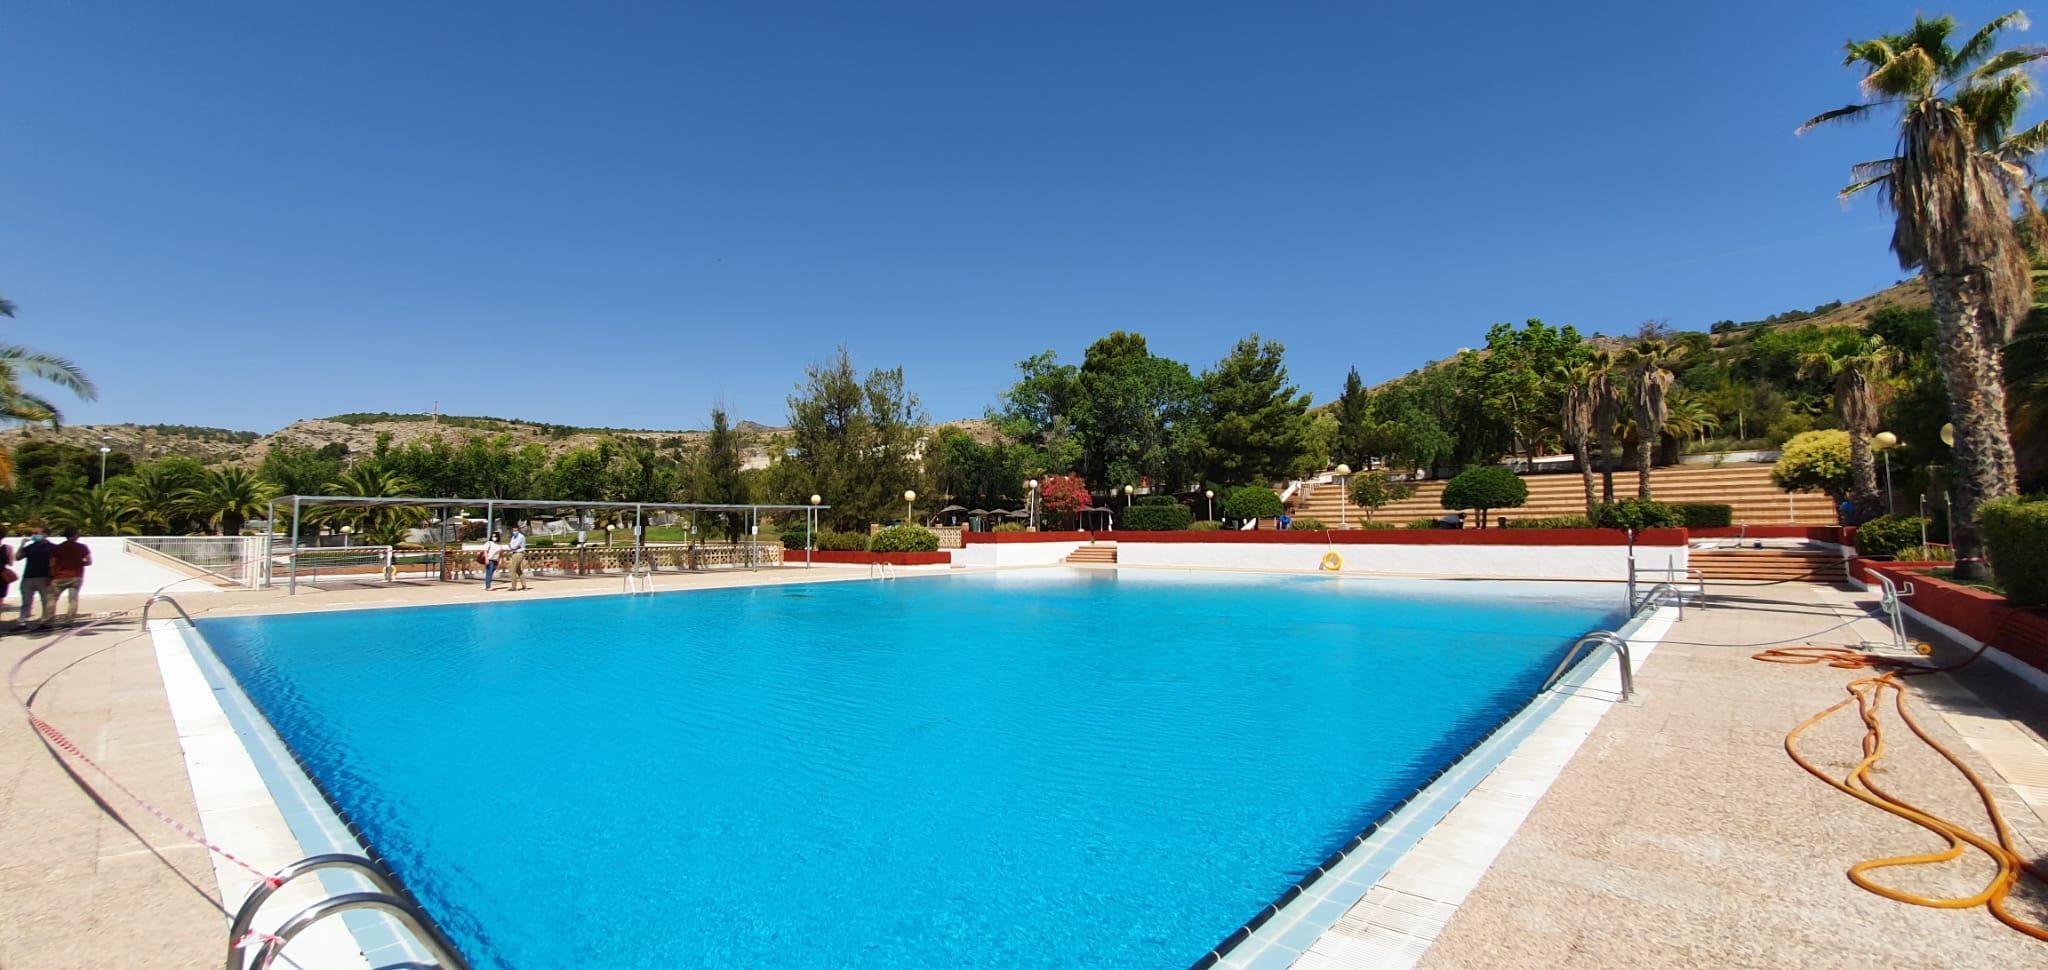 Más de 9.600 personas han utilizado las piscinas municipales de San Crispín durante los meses de julio y agosto